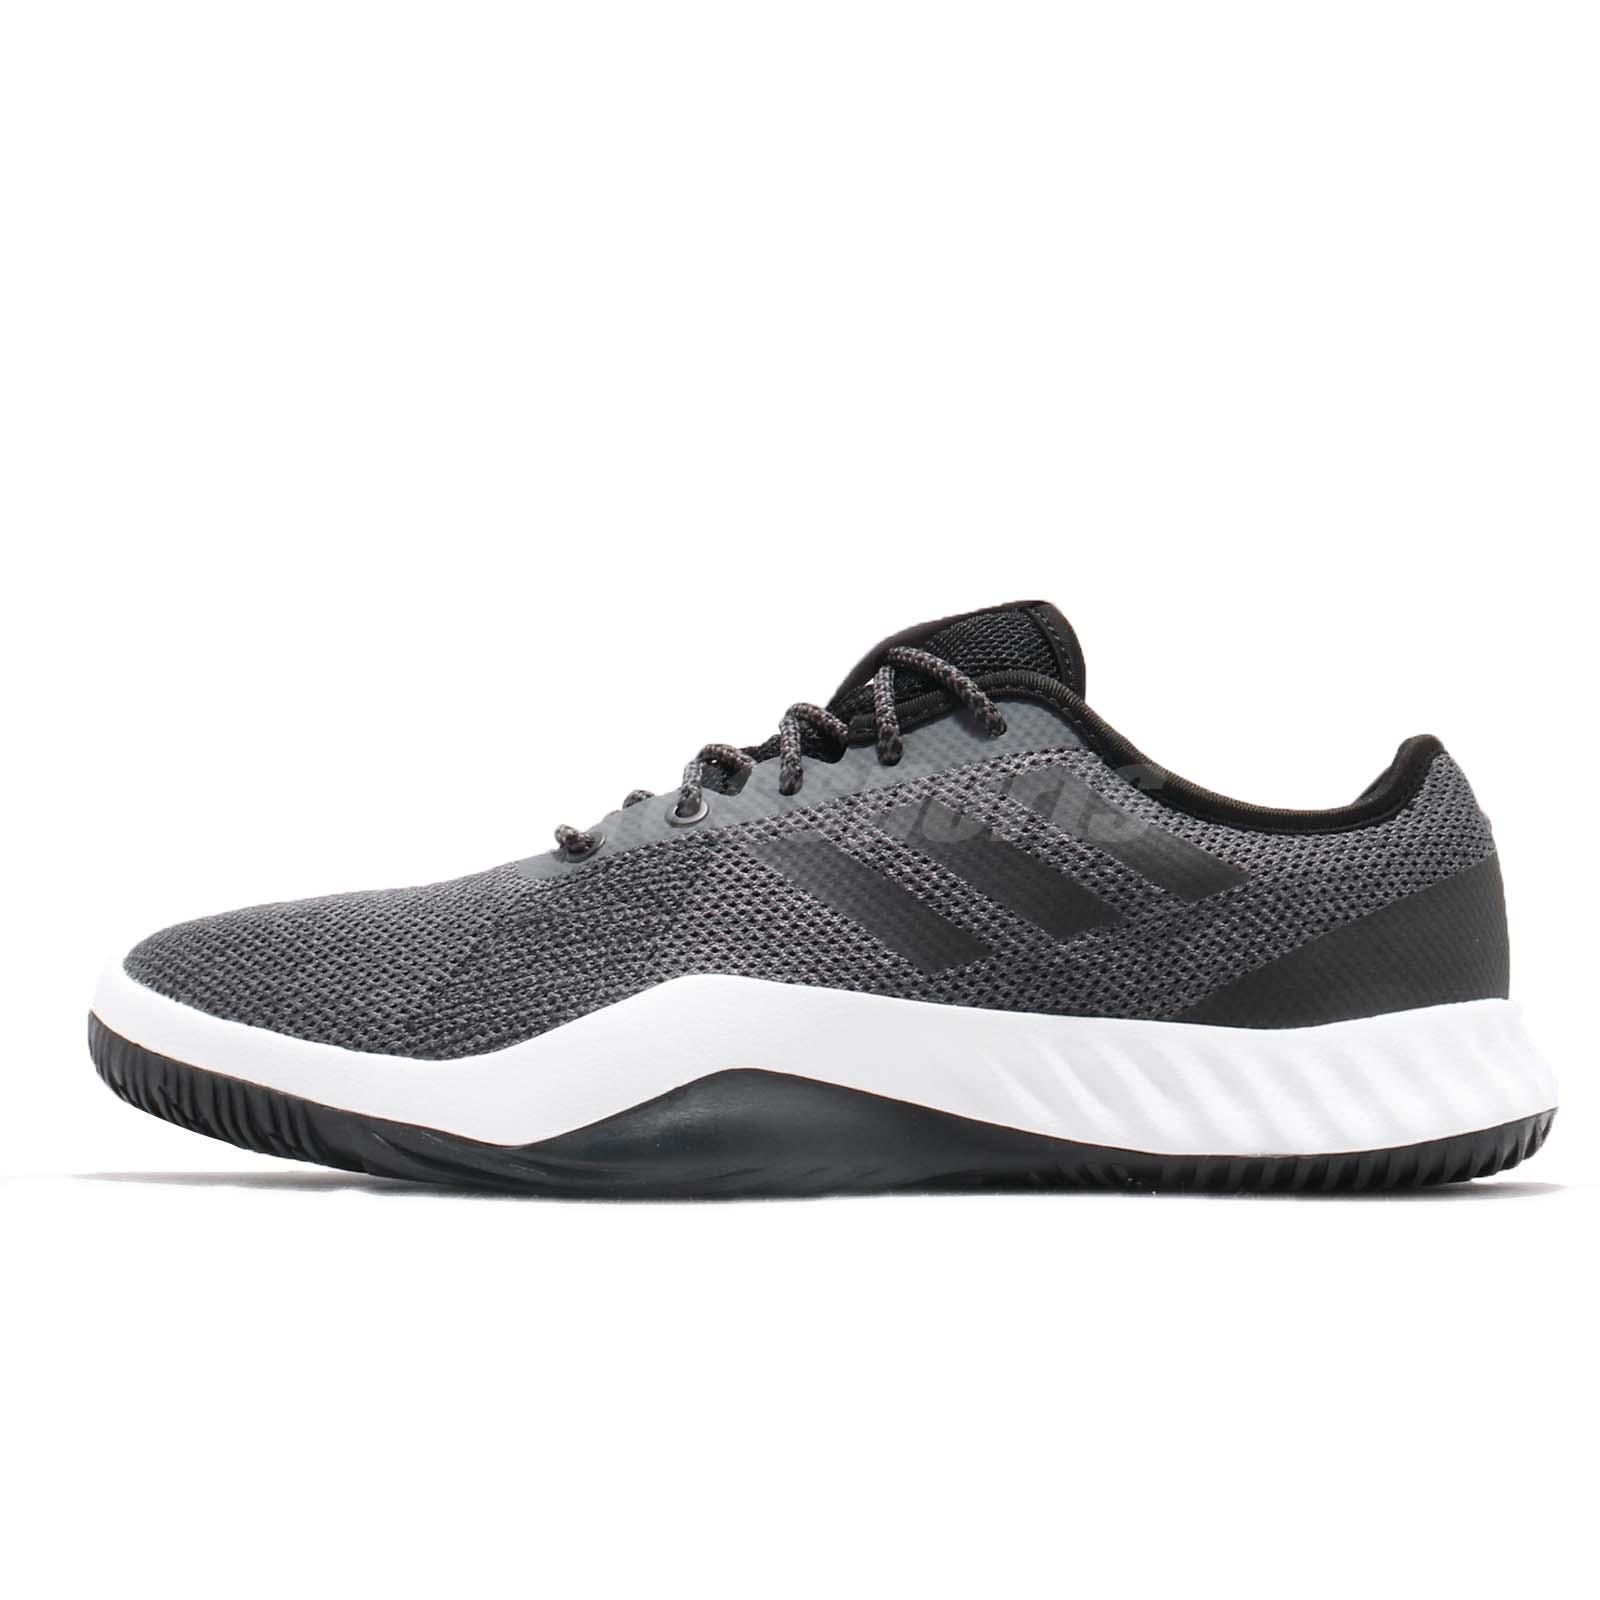 finest selection 9fe2e 574b3 Details about adidas CrazyTrain LT M Grey Black Men Cross Training Shoes  Sneakers DA8689